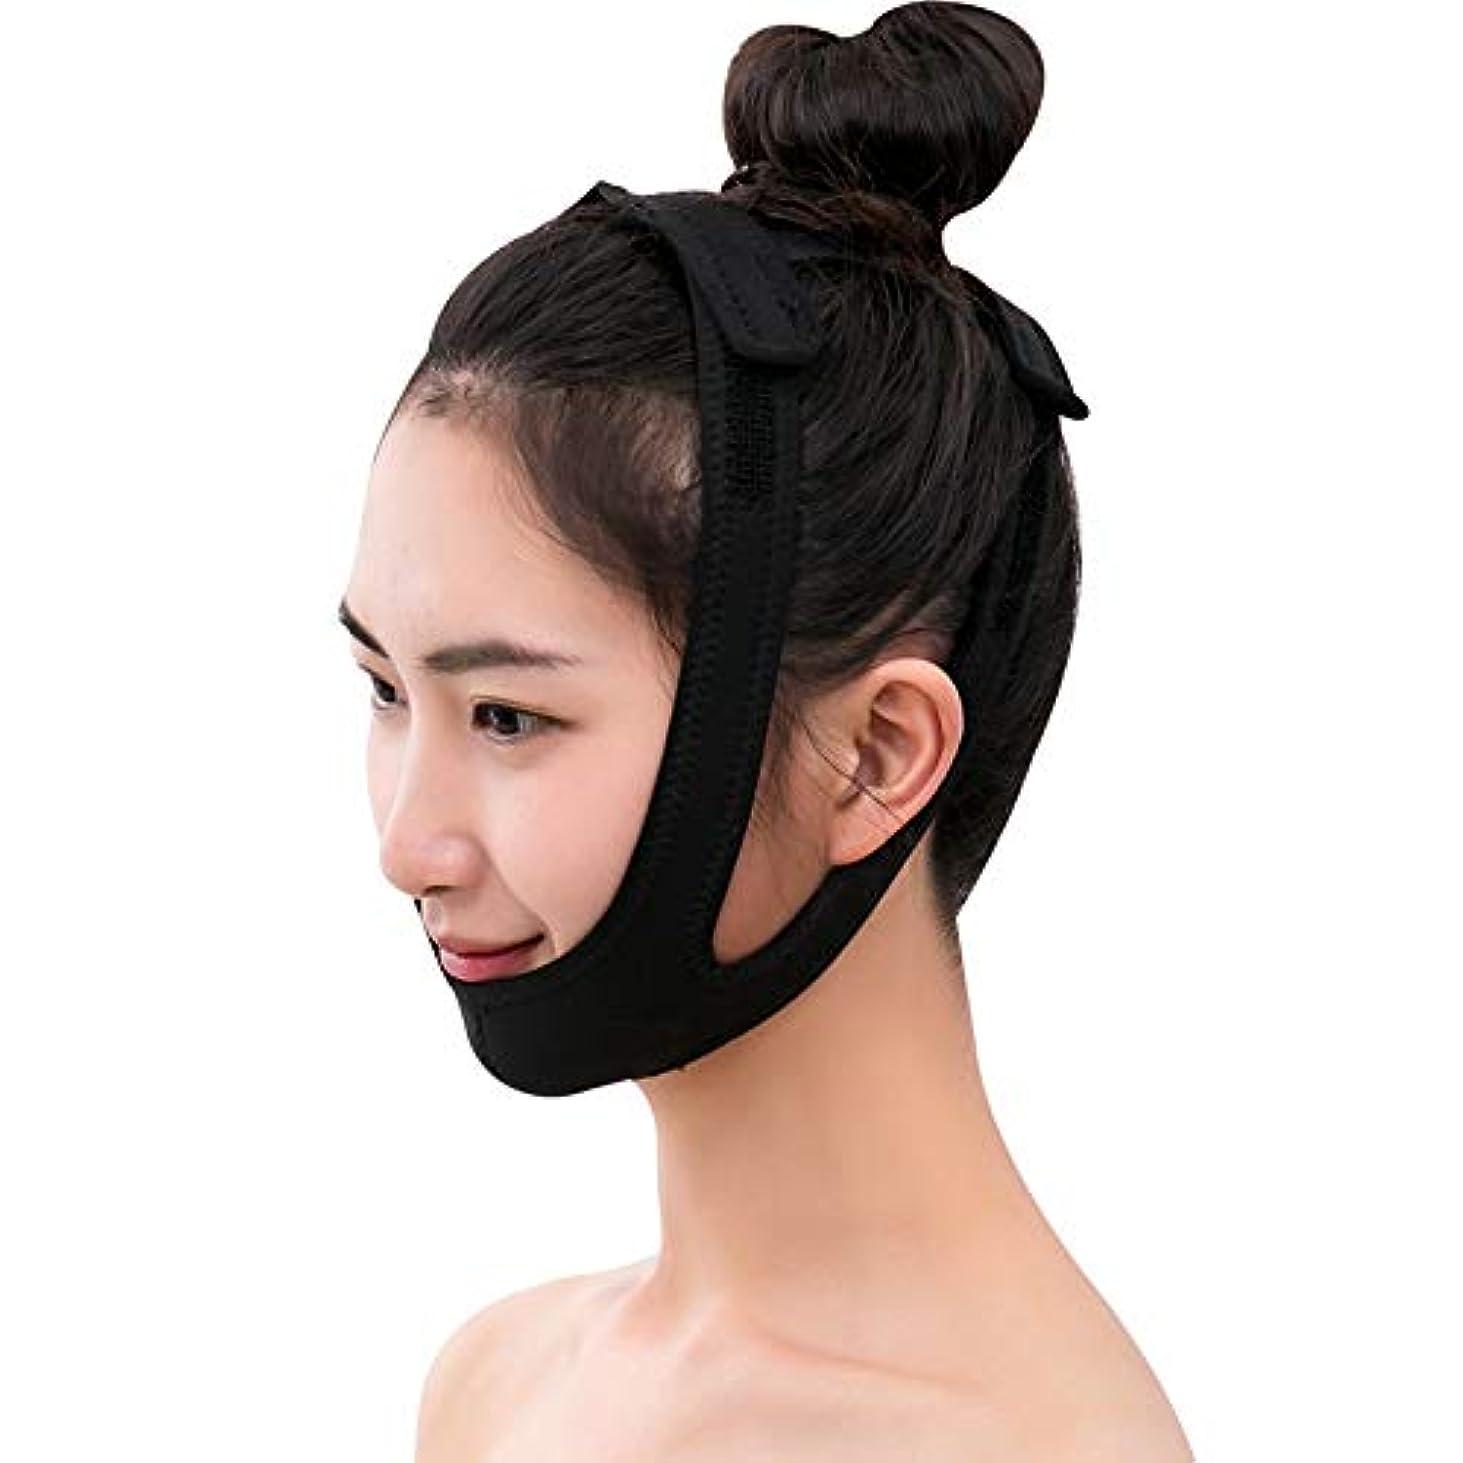 周り技術的な受けるJia Jia- フェイシャルリフティング痩身ベルト圧縮二重あご減量ベルトスキンケア薄い顔包帯二重あごワークアウト 顔面包帯